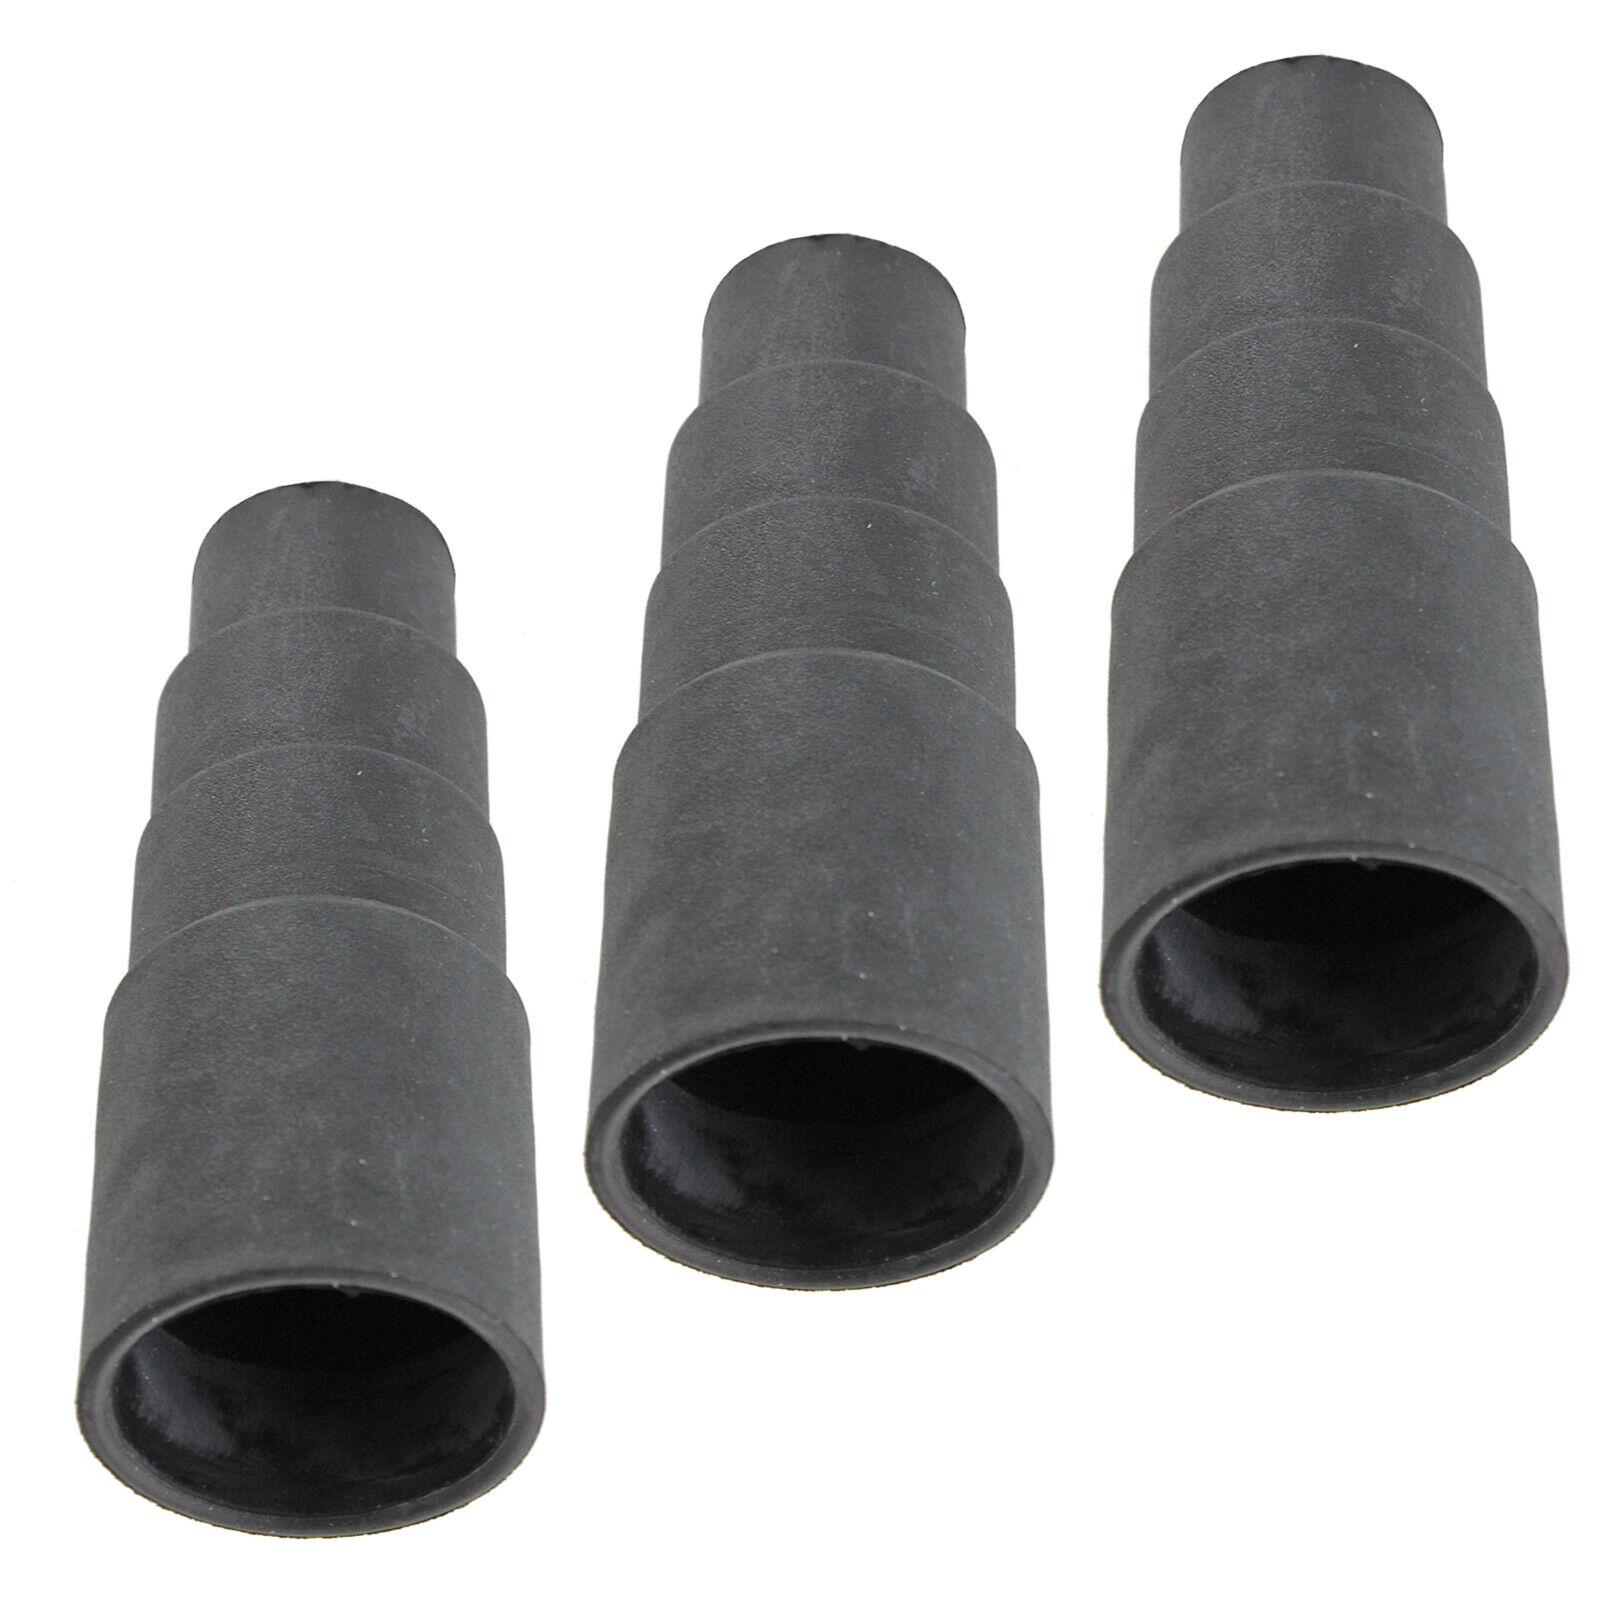 Aspirateur Outil électrique extraction de poussière tuyau universel Kit Adaptateur 32mm 35mm